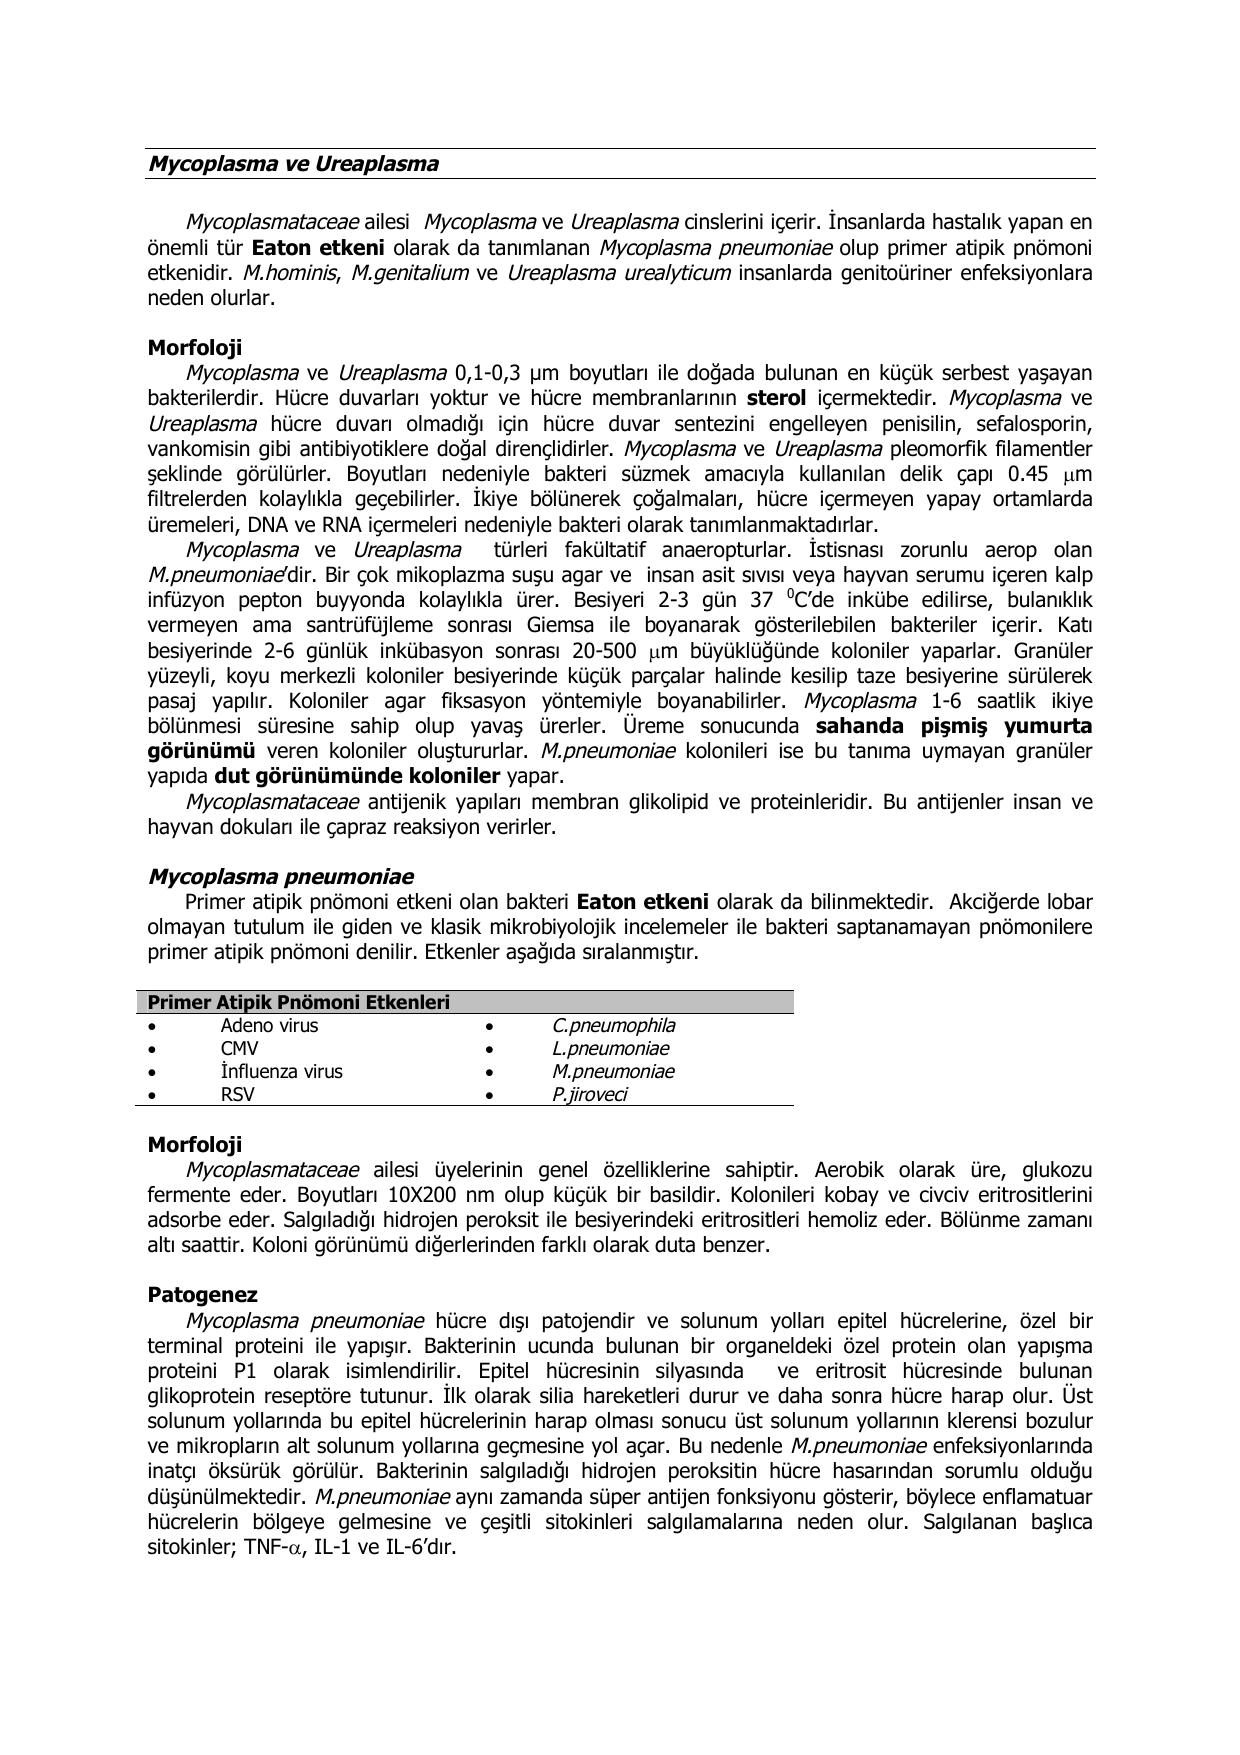 İlaç Balarpan (göz damlaları): kompozisyon, özellikleri ve kullanım endikasyonları 61